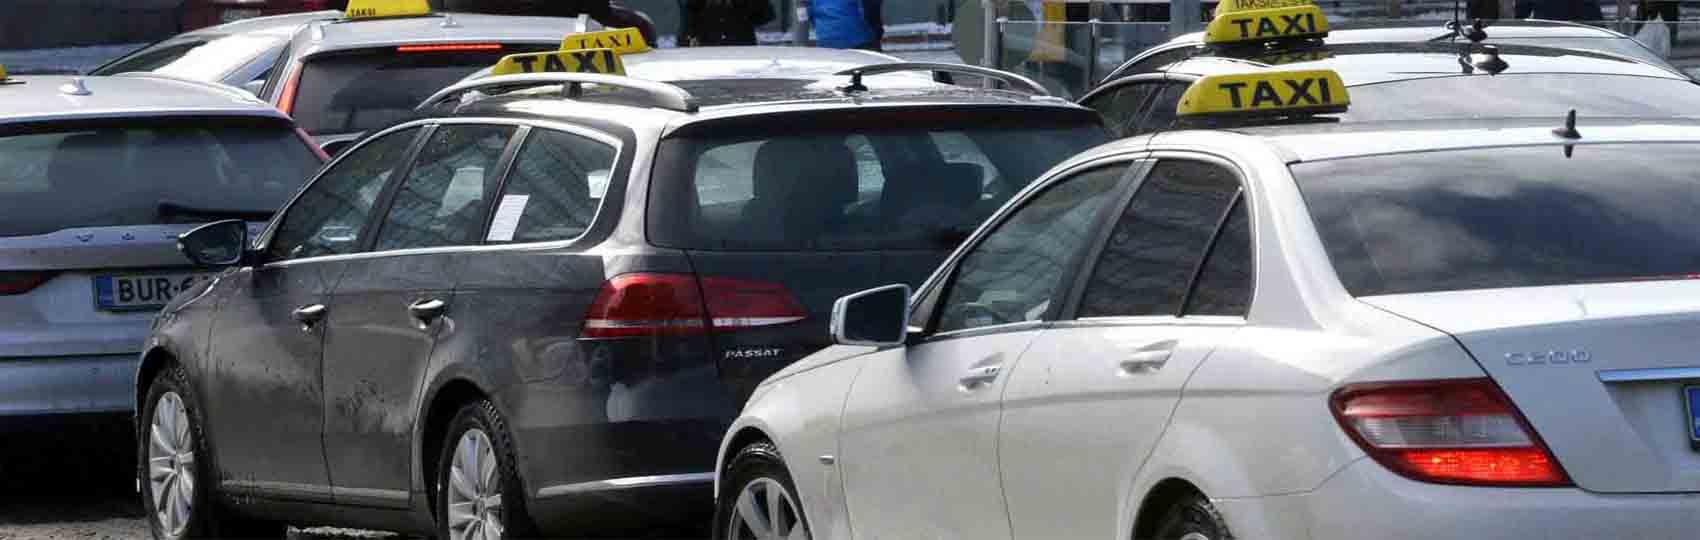 Noticias del sector del taxi y la movilidad en Finlandia. Mantente informado de todas las noticias del taxi de Finlandia en el grupo de Facebook de Todo Taxi.